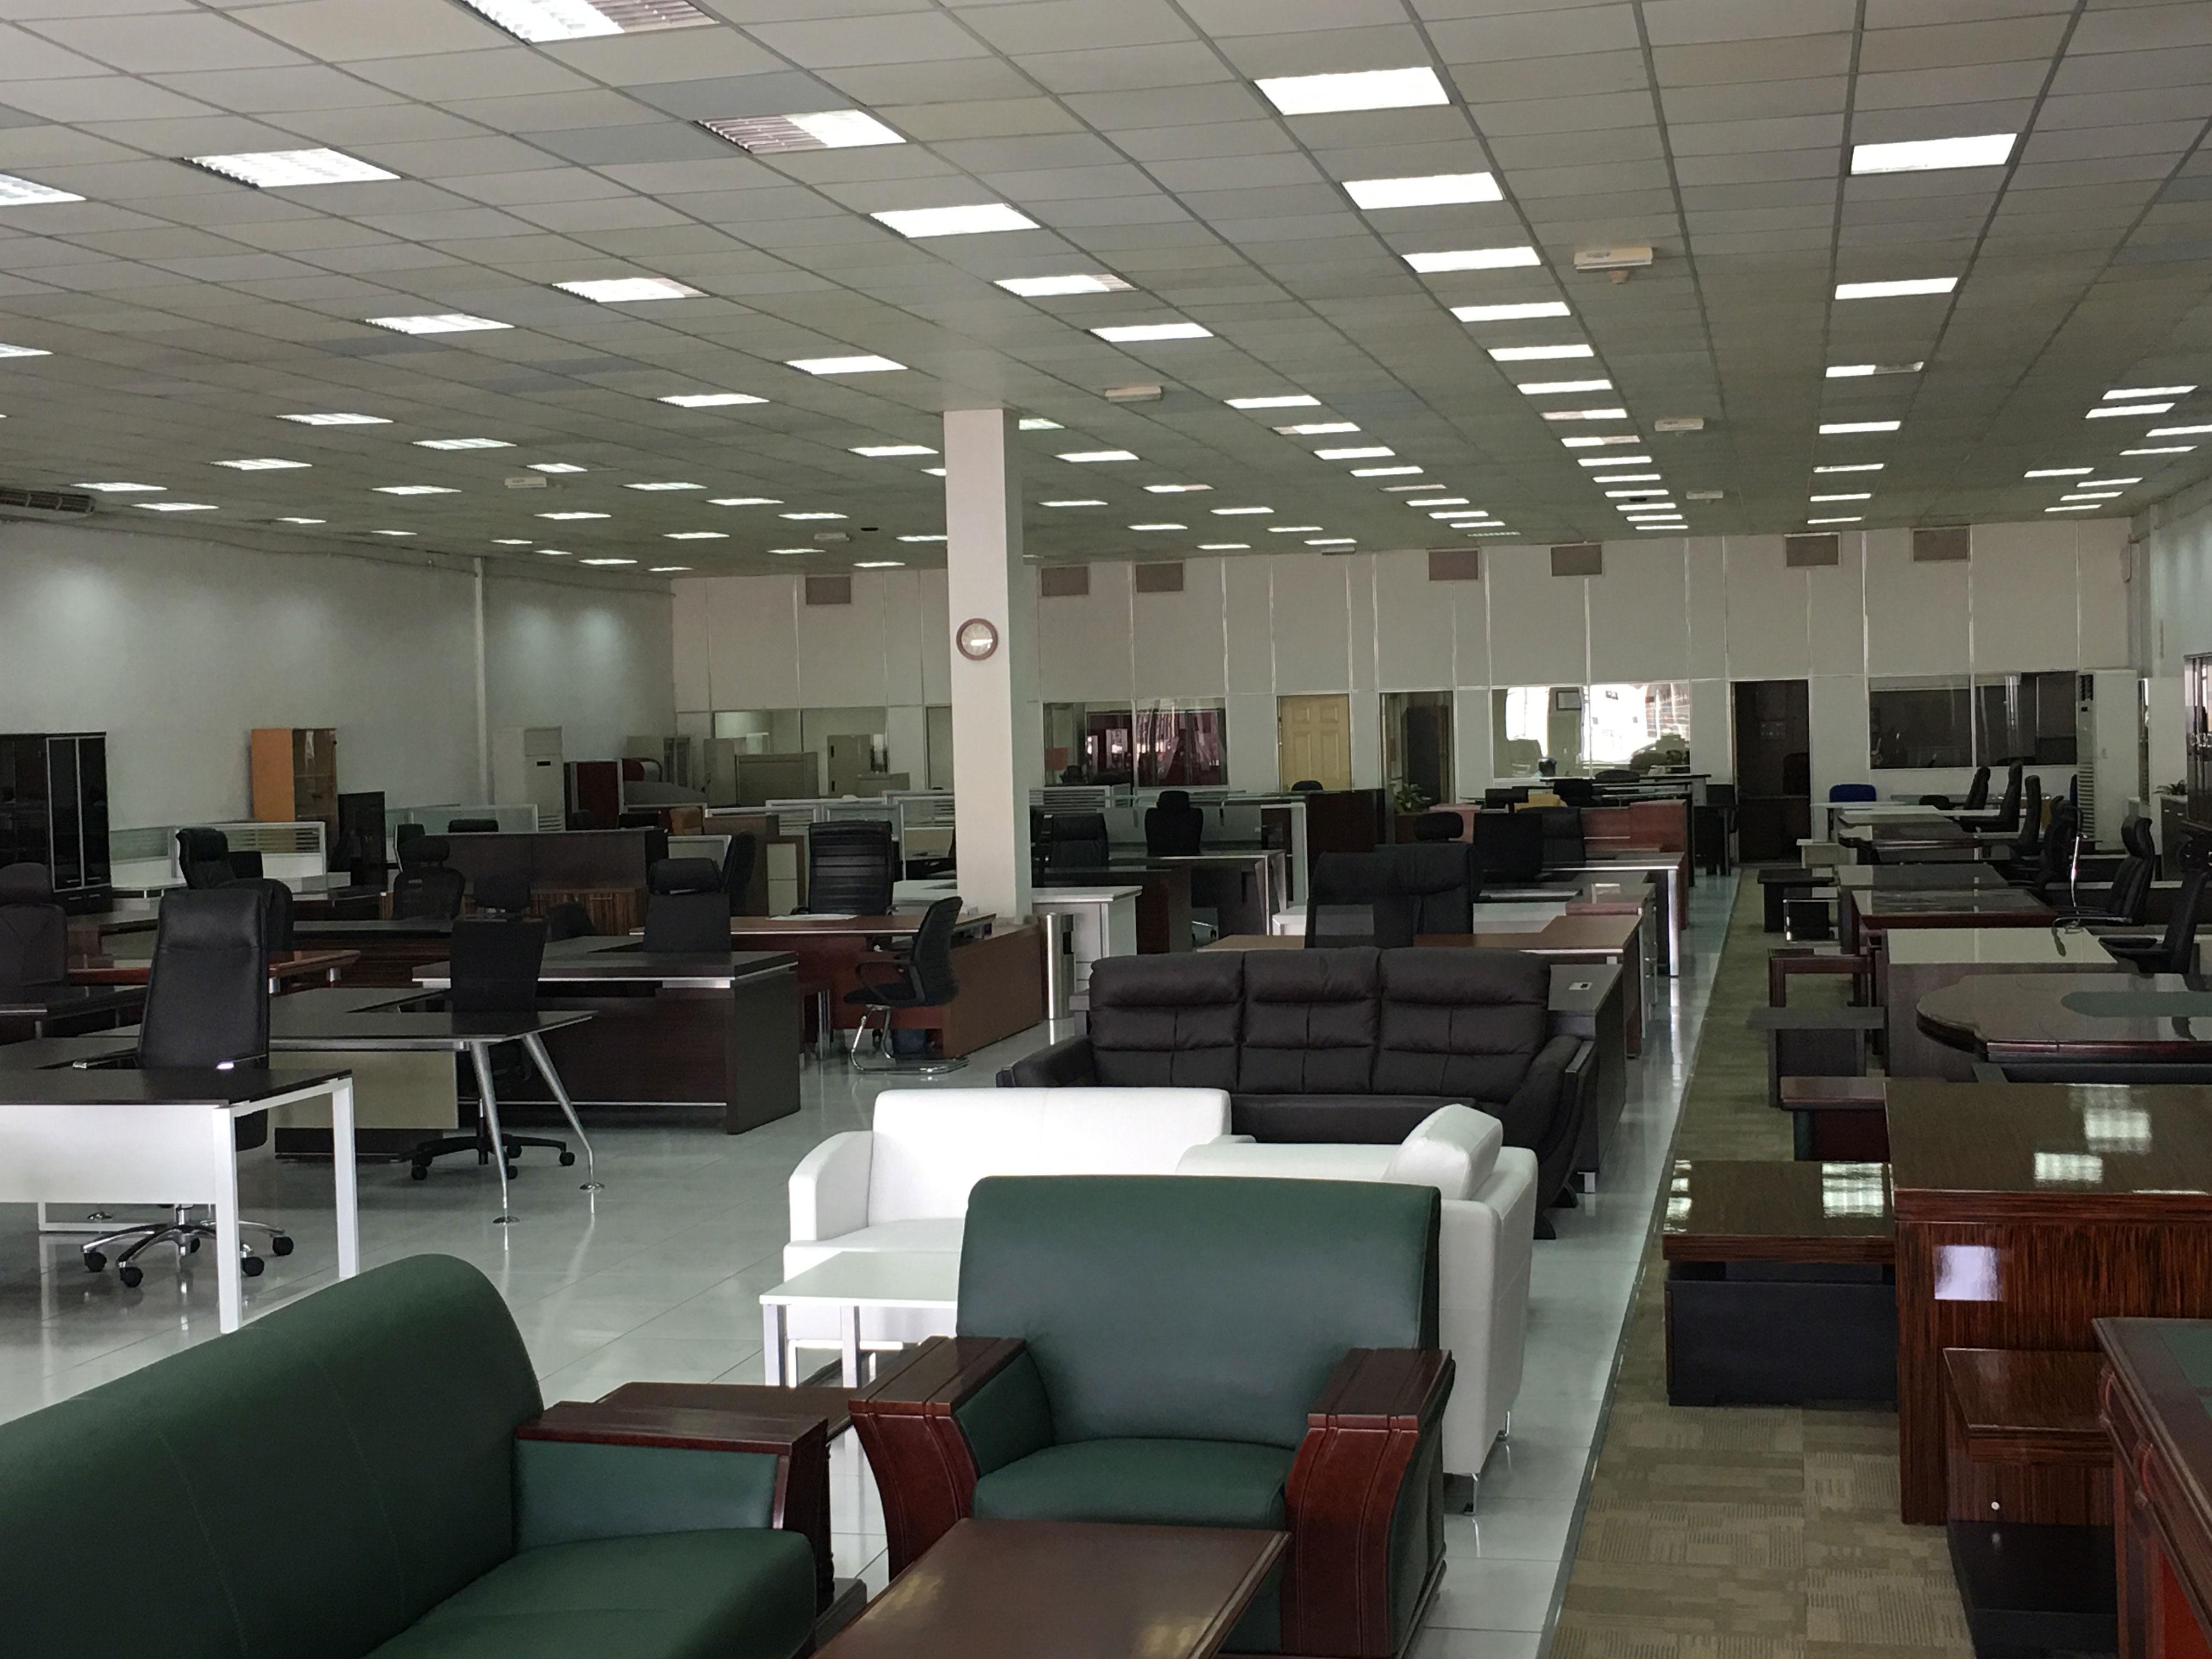 Al Hawai Office Furniture & Equipment Co. L.L.C. - IMG_0610.jpg